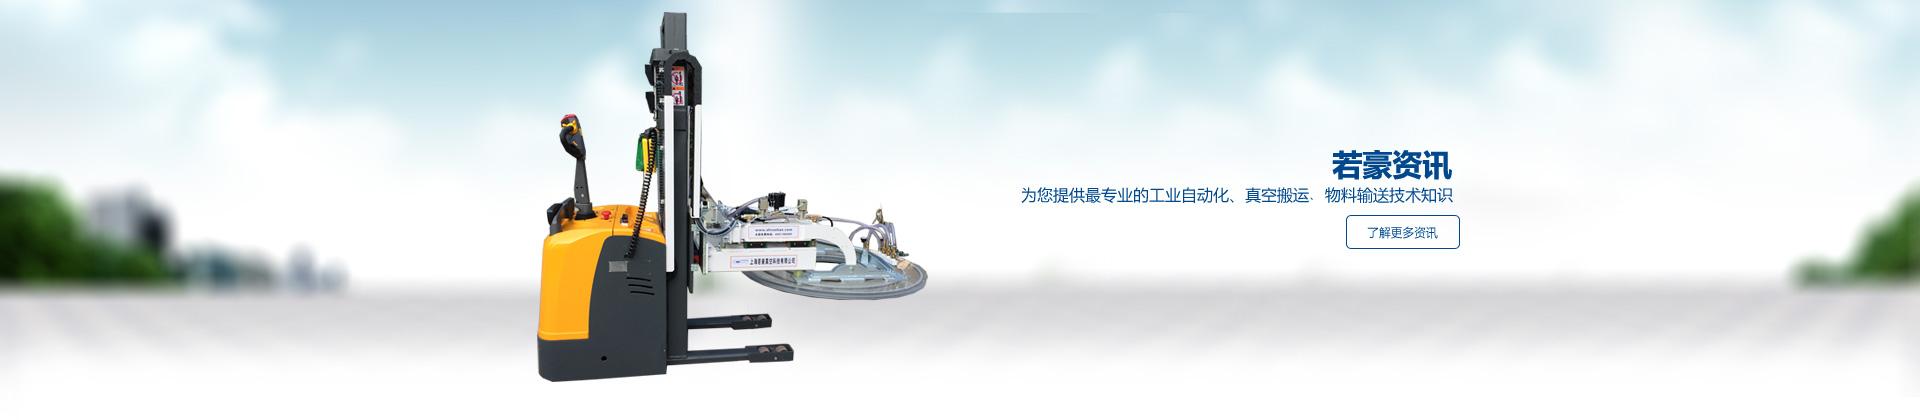 zhen空吸吊ji,气guan吸吊ji,zhen空吸盘吊ju,卷liao搬运车选择shang海九州电玩zhen空科技